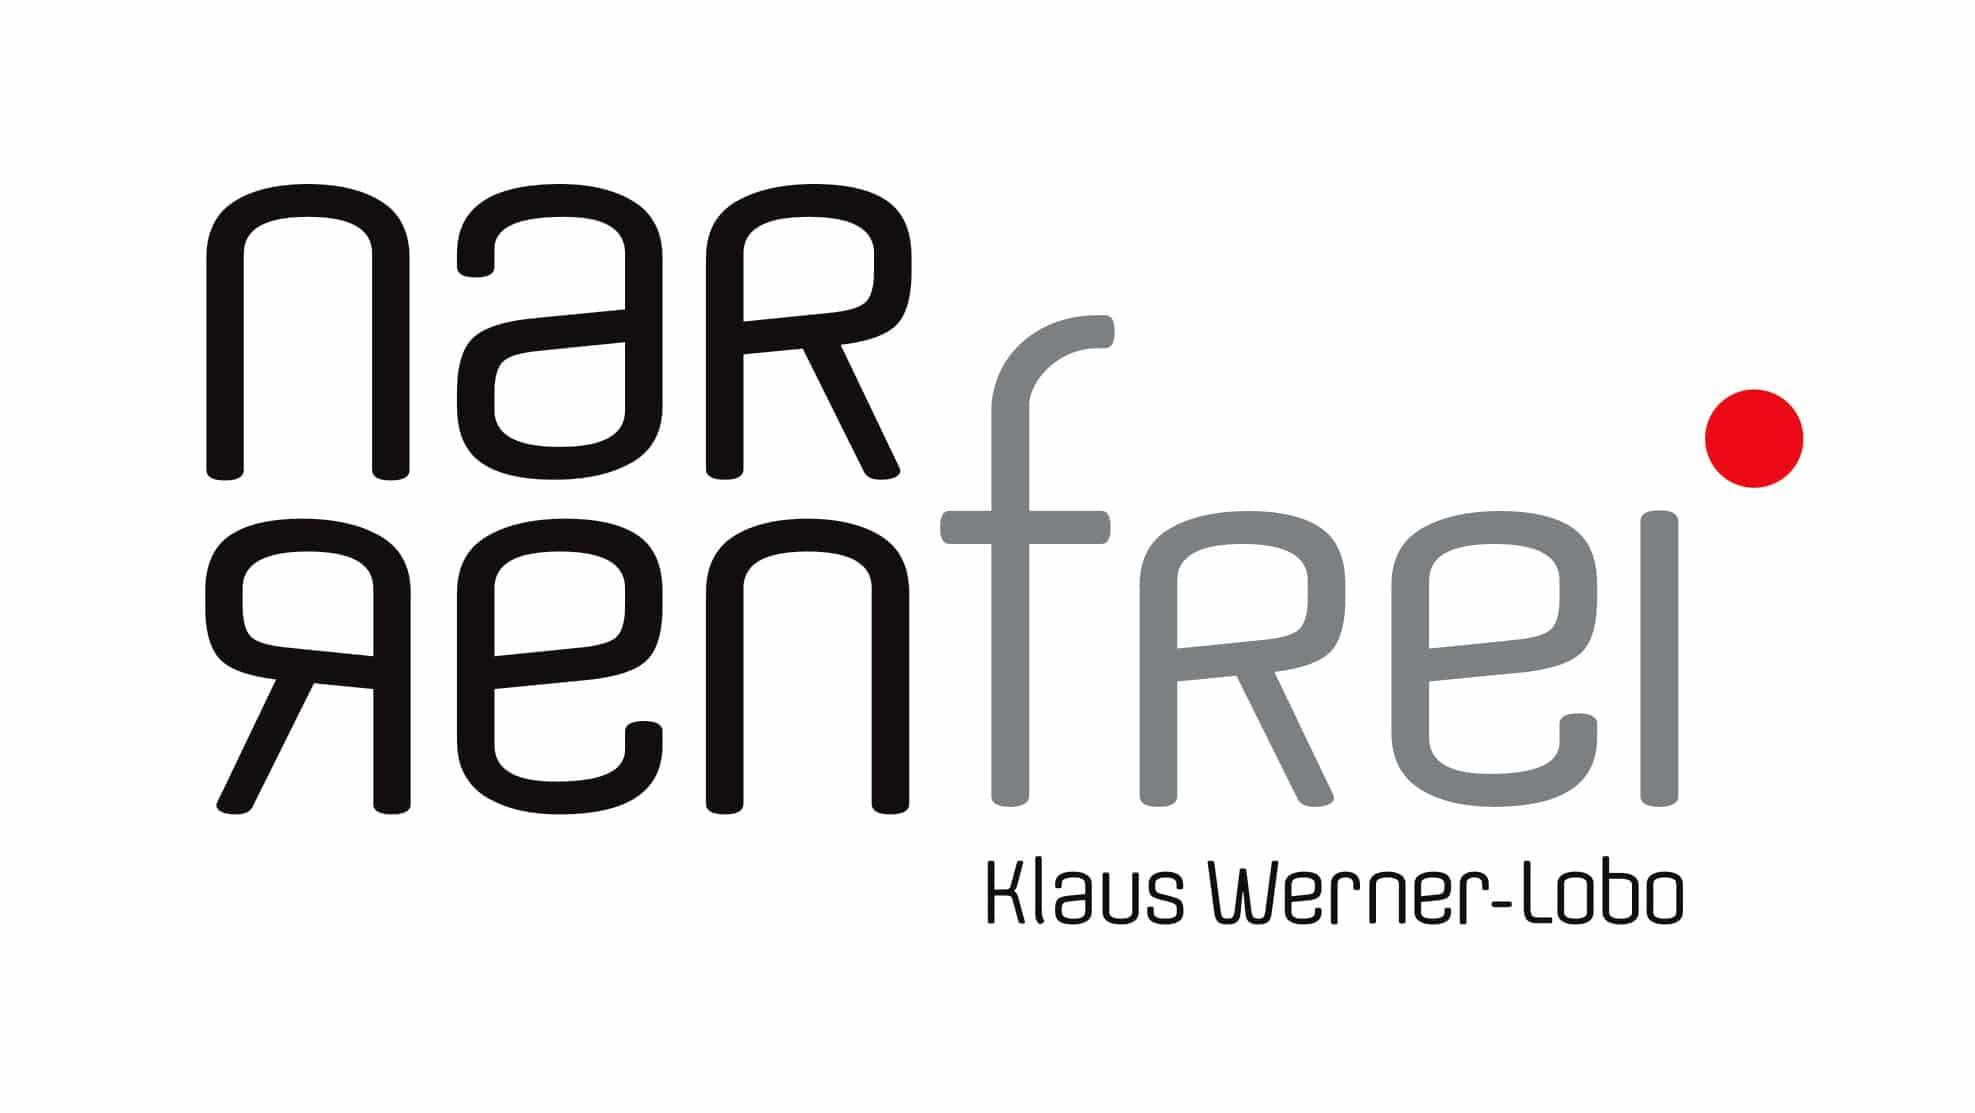 Klaus Werner-Lobo: Workshops und Coaching für Selbstbewusstsein und gutes Leben